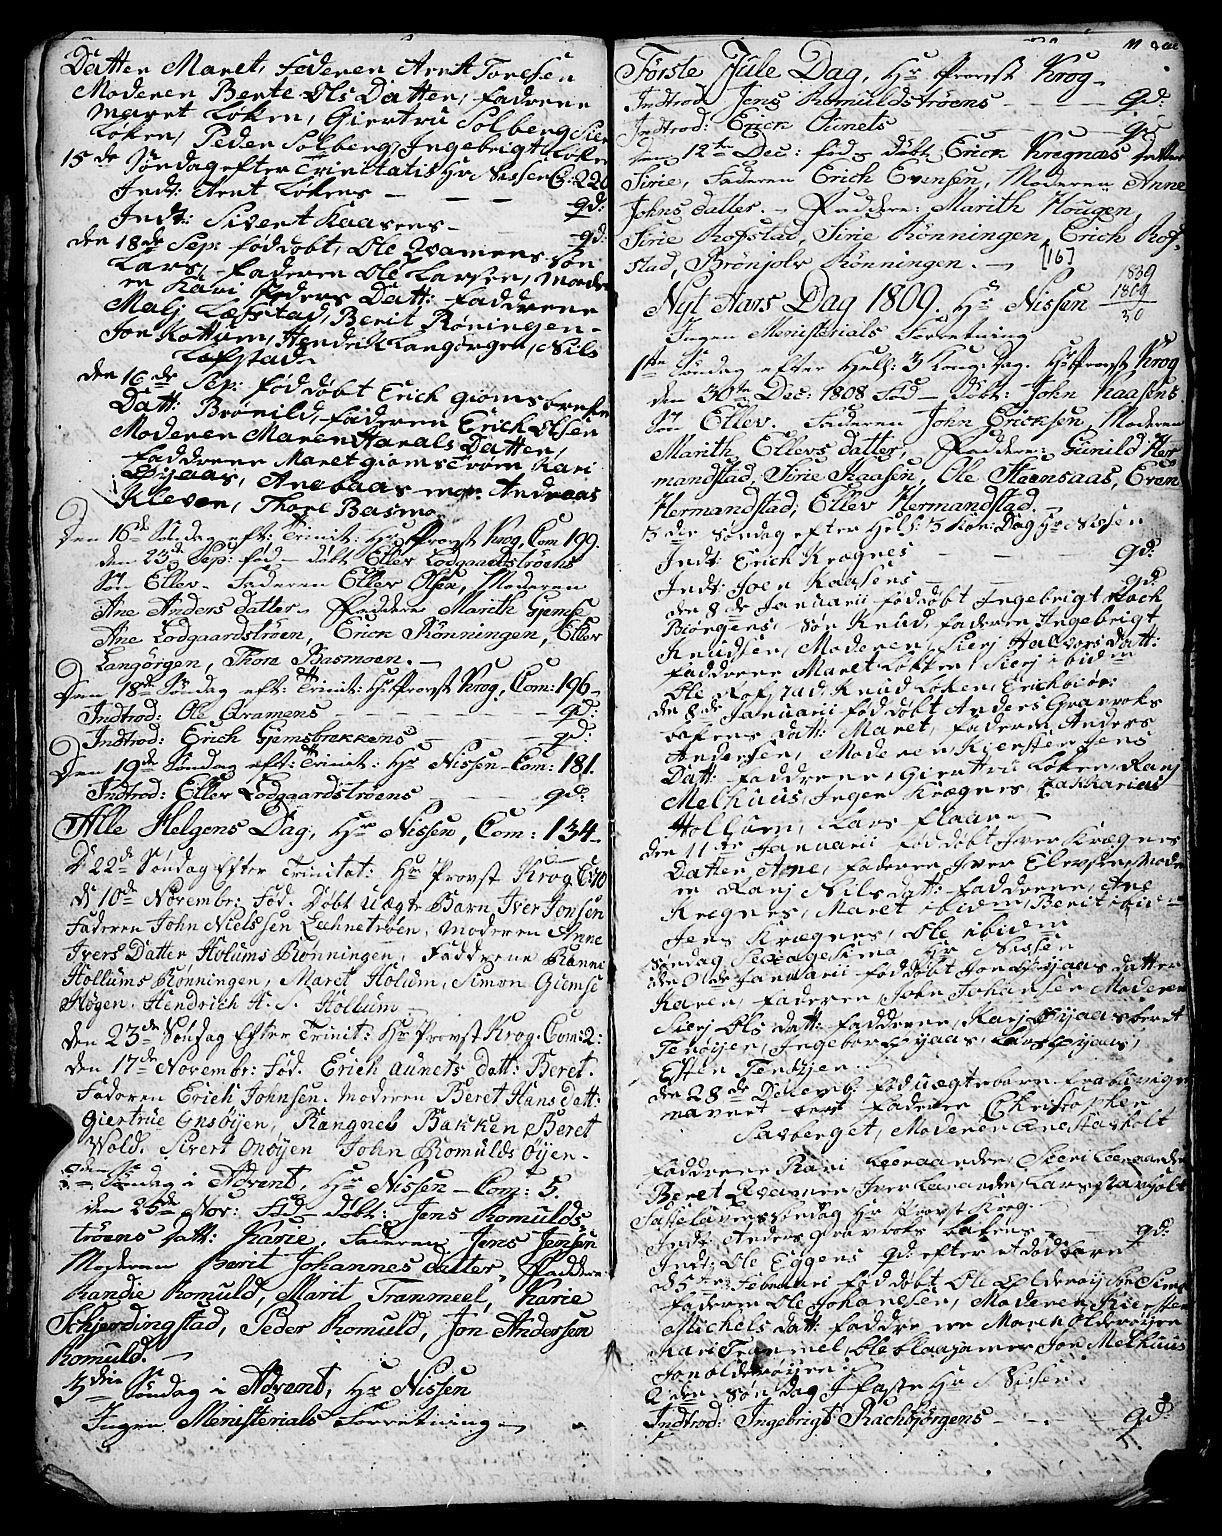 SAT, Ministerialprotokoller, klokkerbøker og fødselsregistre - Sør-Trøndelag, 691/L1091: Klokkerbok nr. 691C02, 1802-1815, s. 16